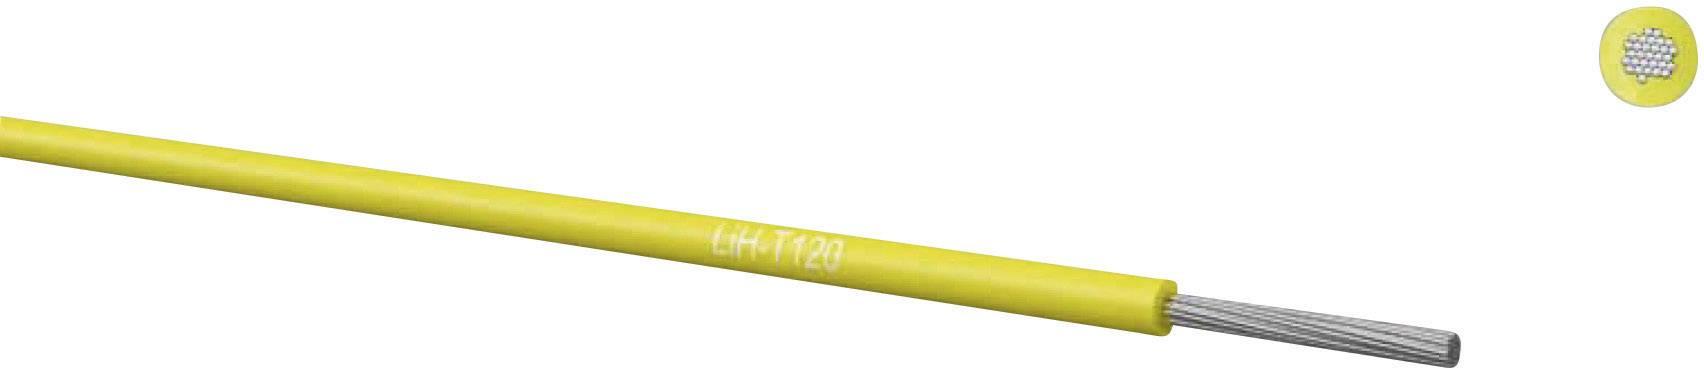 Opletenie / lanko Kabeltronik 65007503 LiH-T, 1 x 0.75 mm², vonkajší Ø 1.70 mm, metrový tovar, zelená